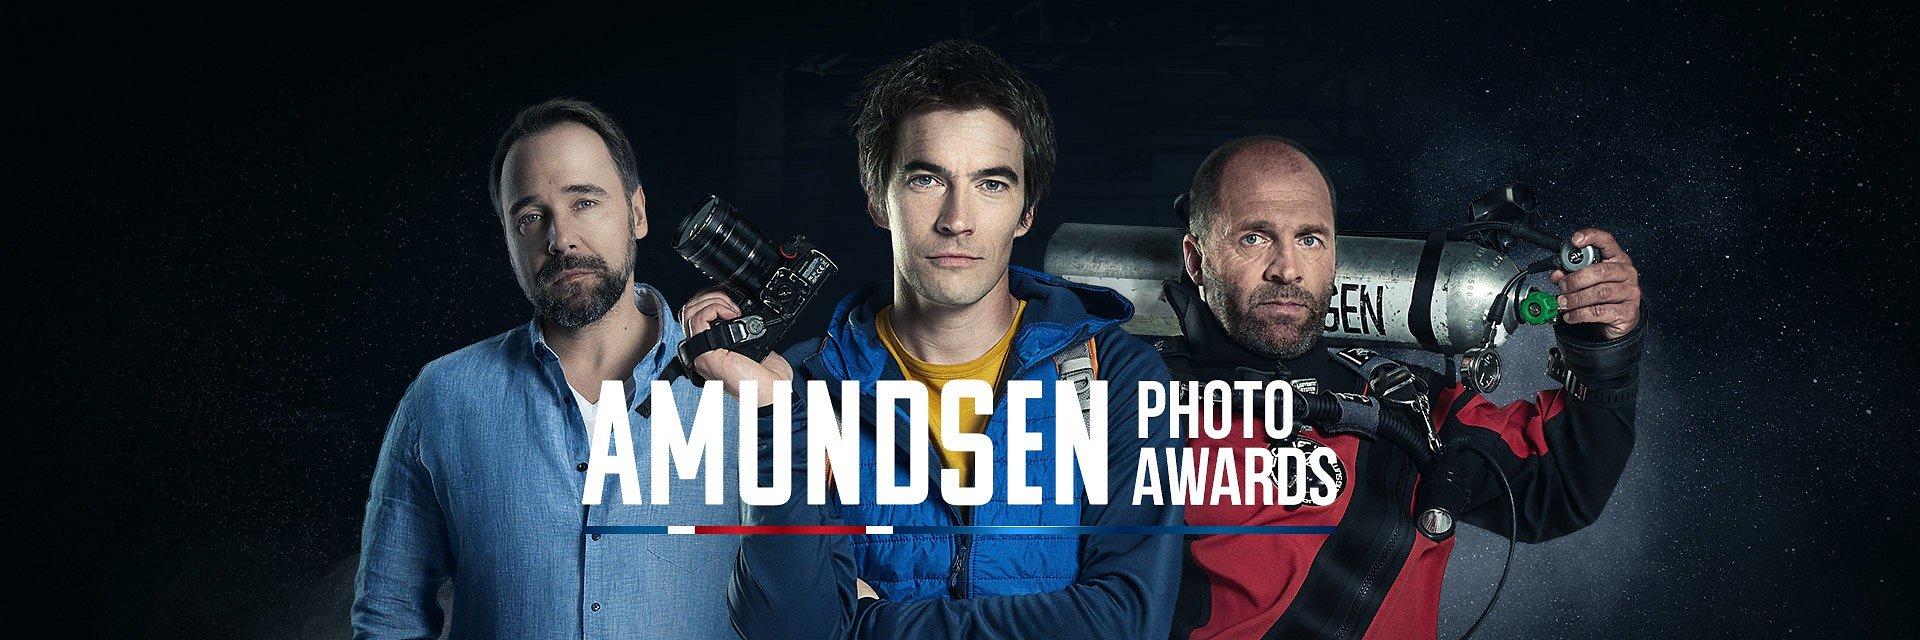 The Digitals z realizacją dla Amundsen Photo Awards.